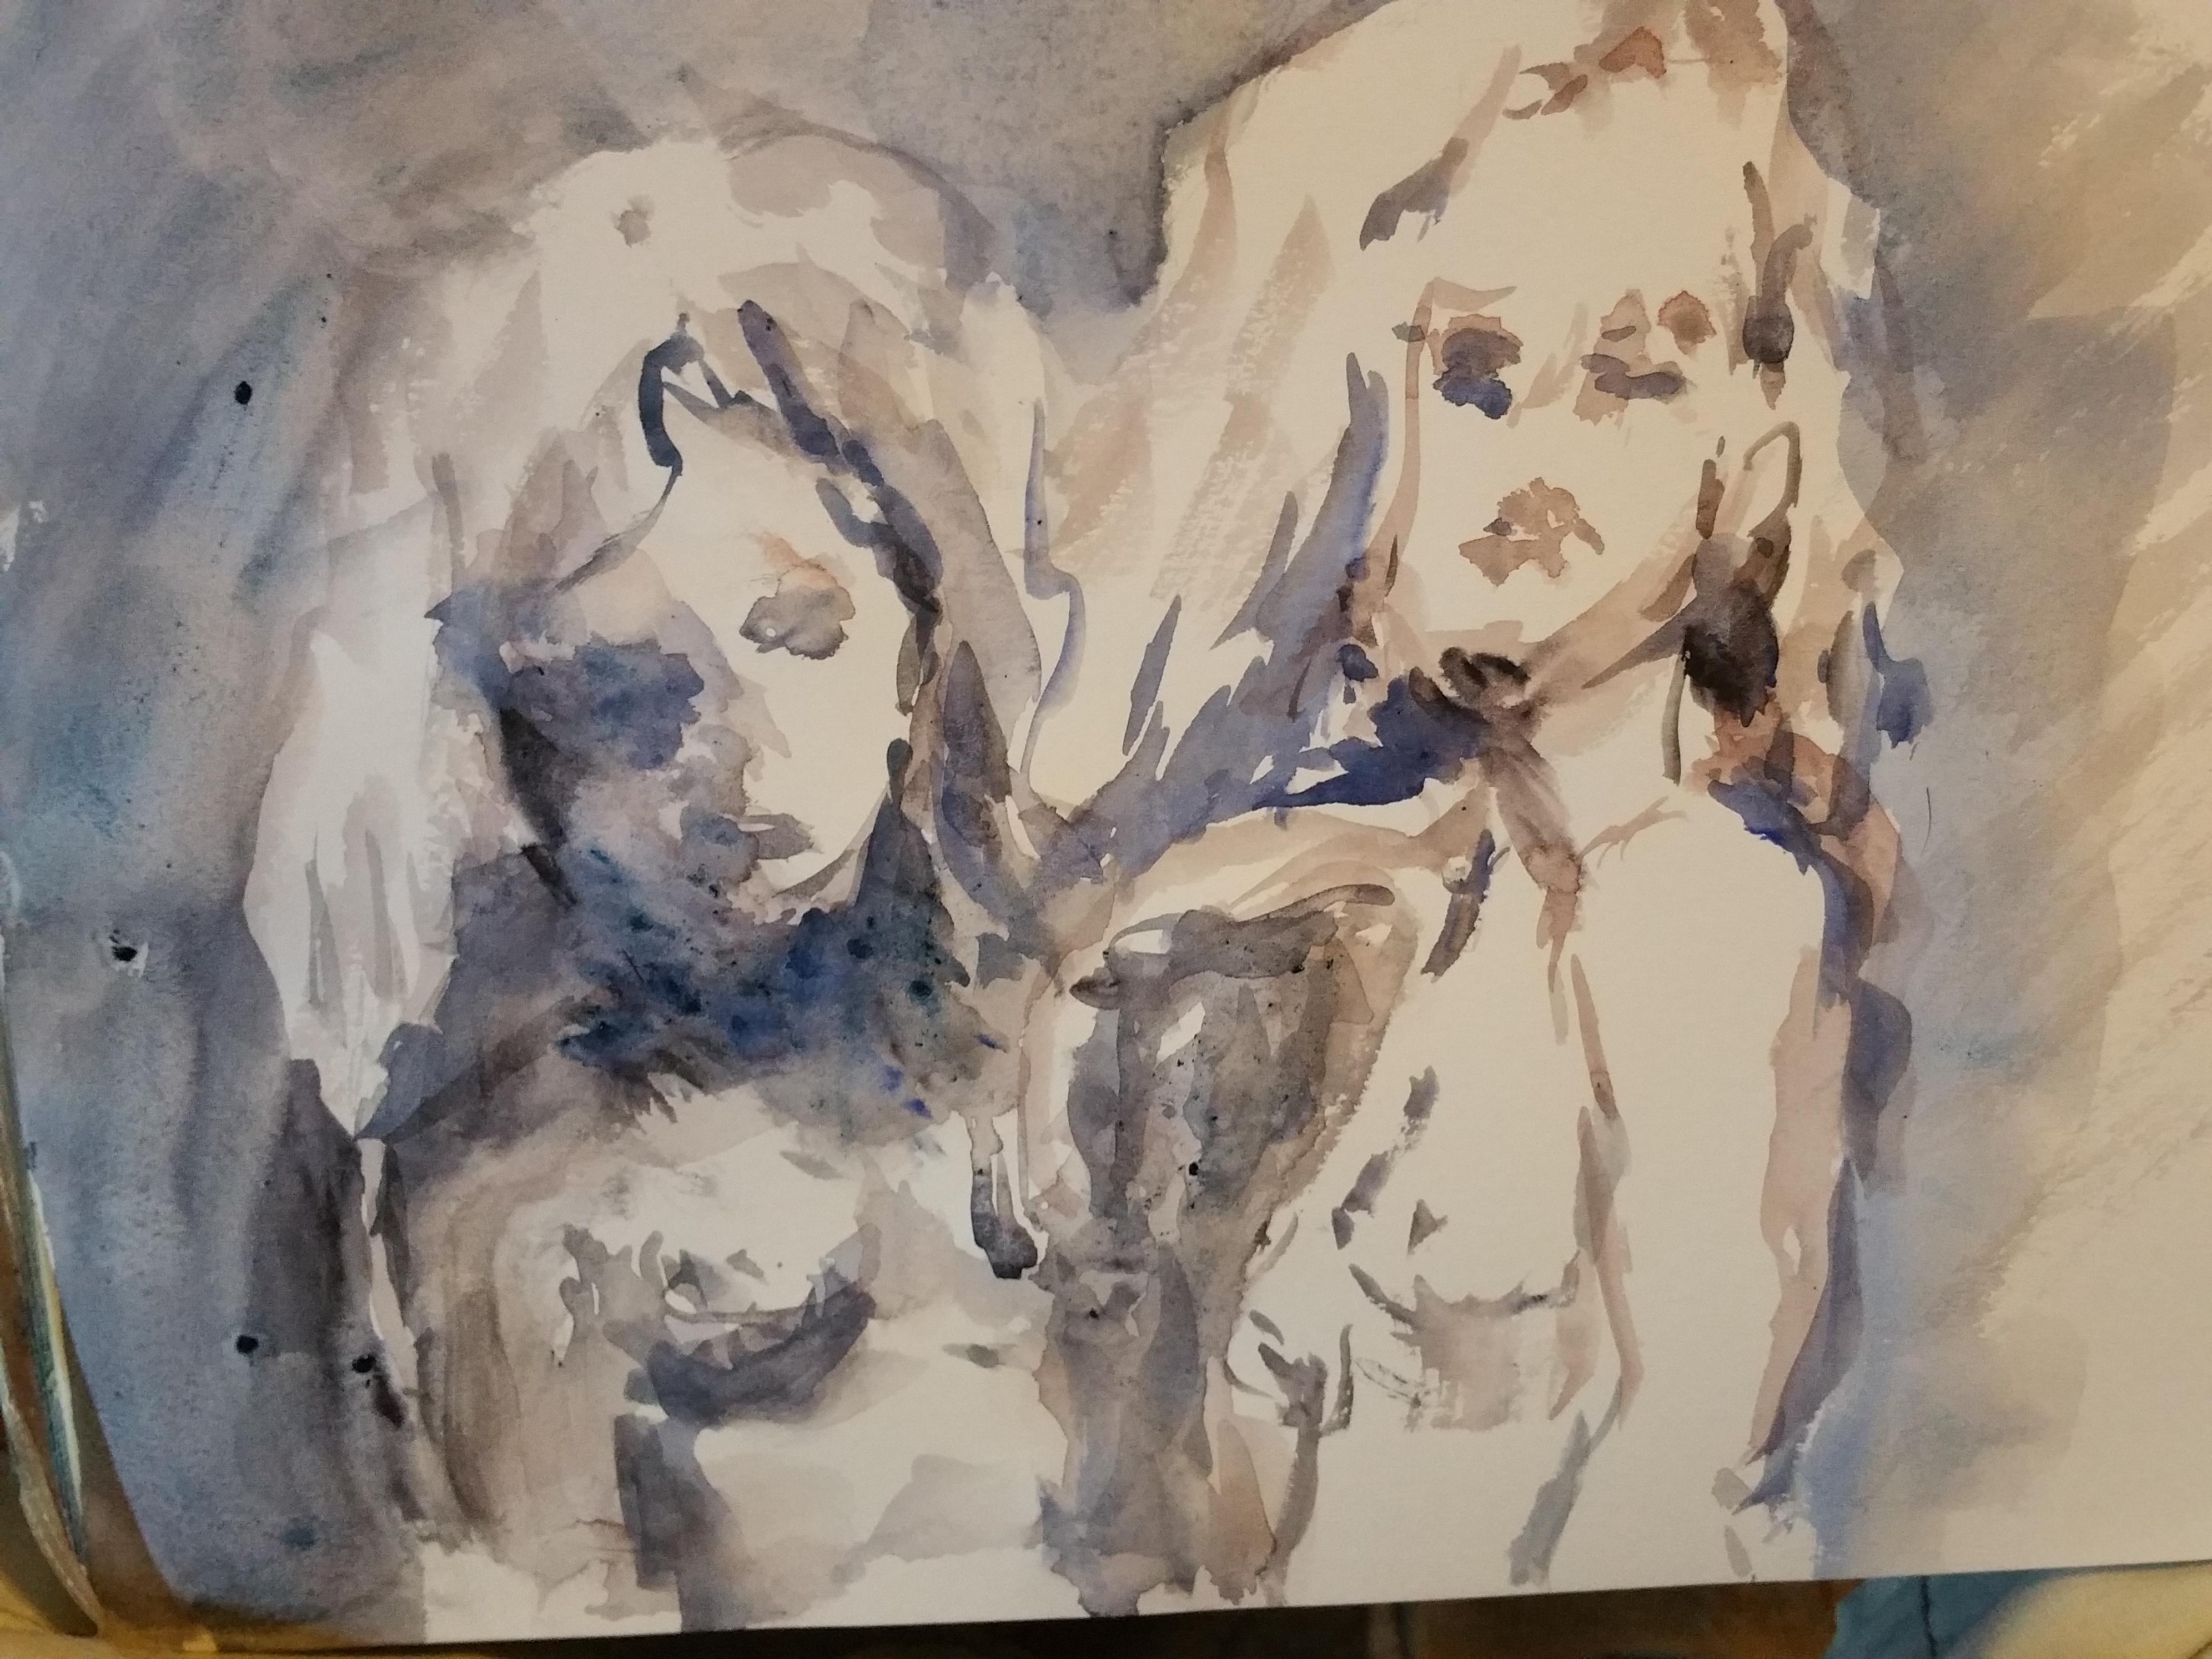 De portraits aquarelles bleus et gris rehausse ocres dessin  cours de dessin